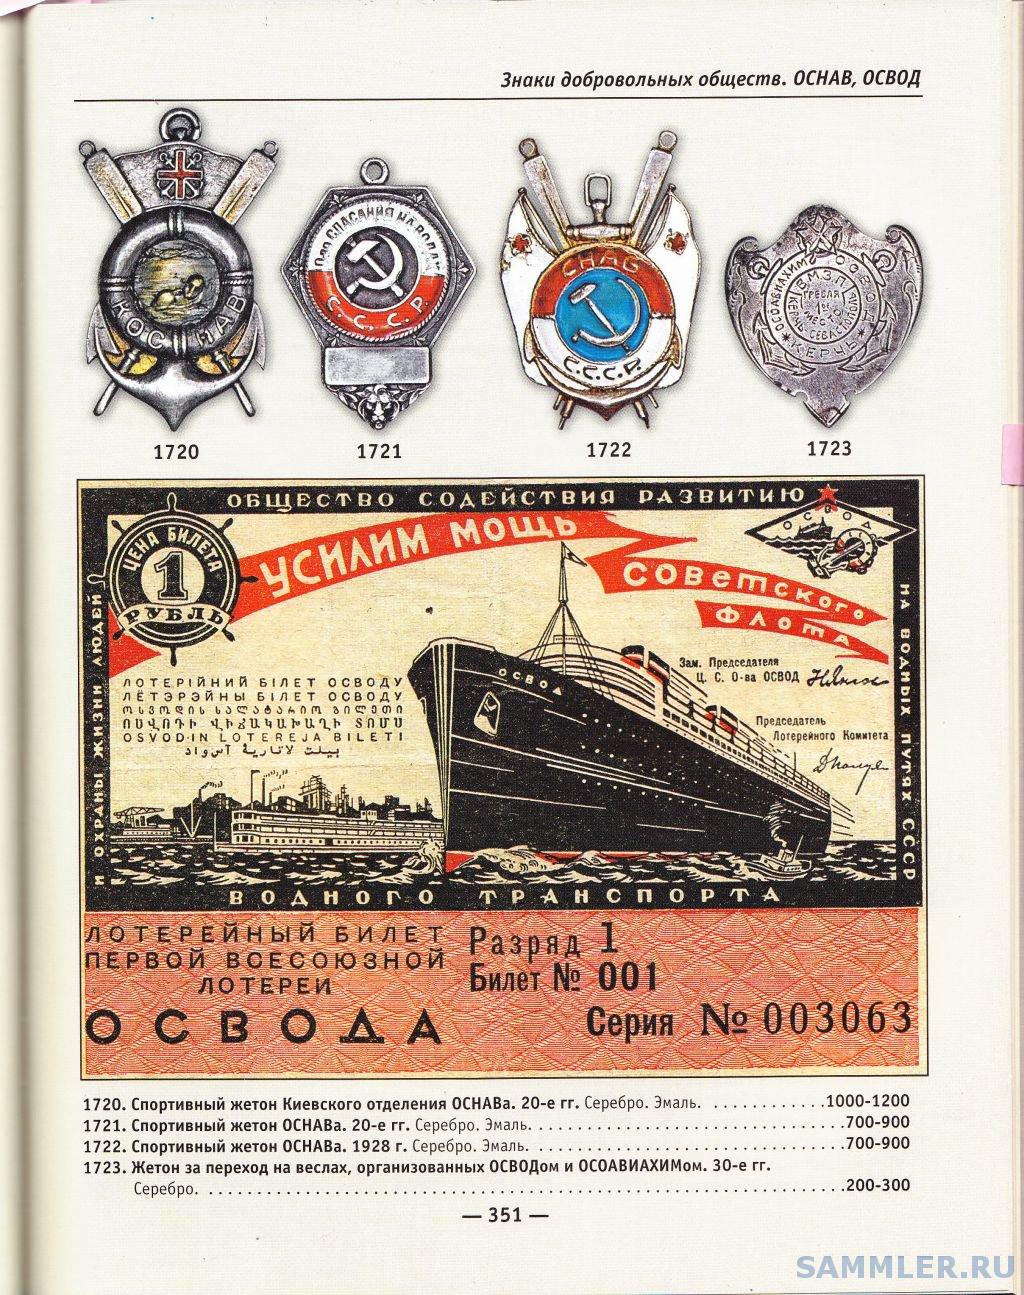 Каталог ОСНАВ - Общество спасения на Водах - 1920-е гг.png